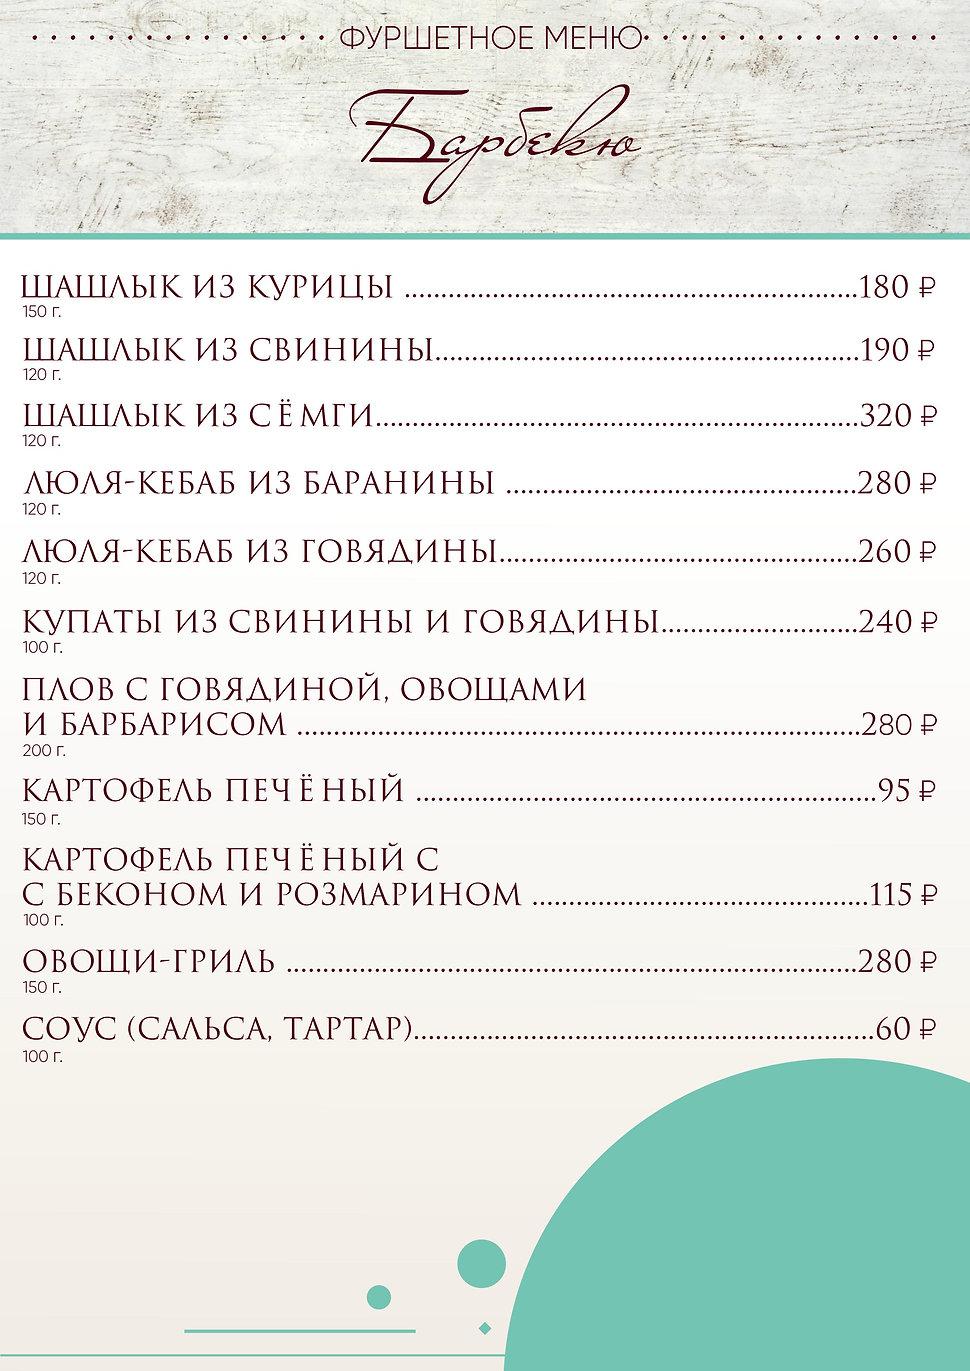 фуршетное меню - 14-2.jpg